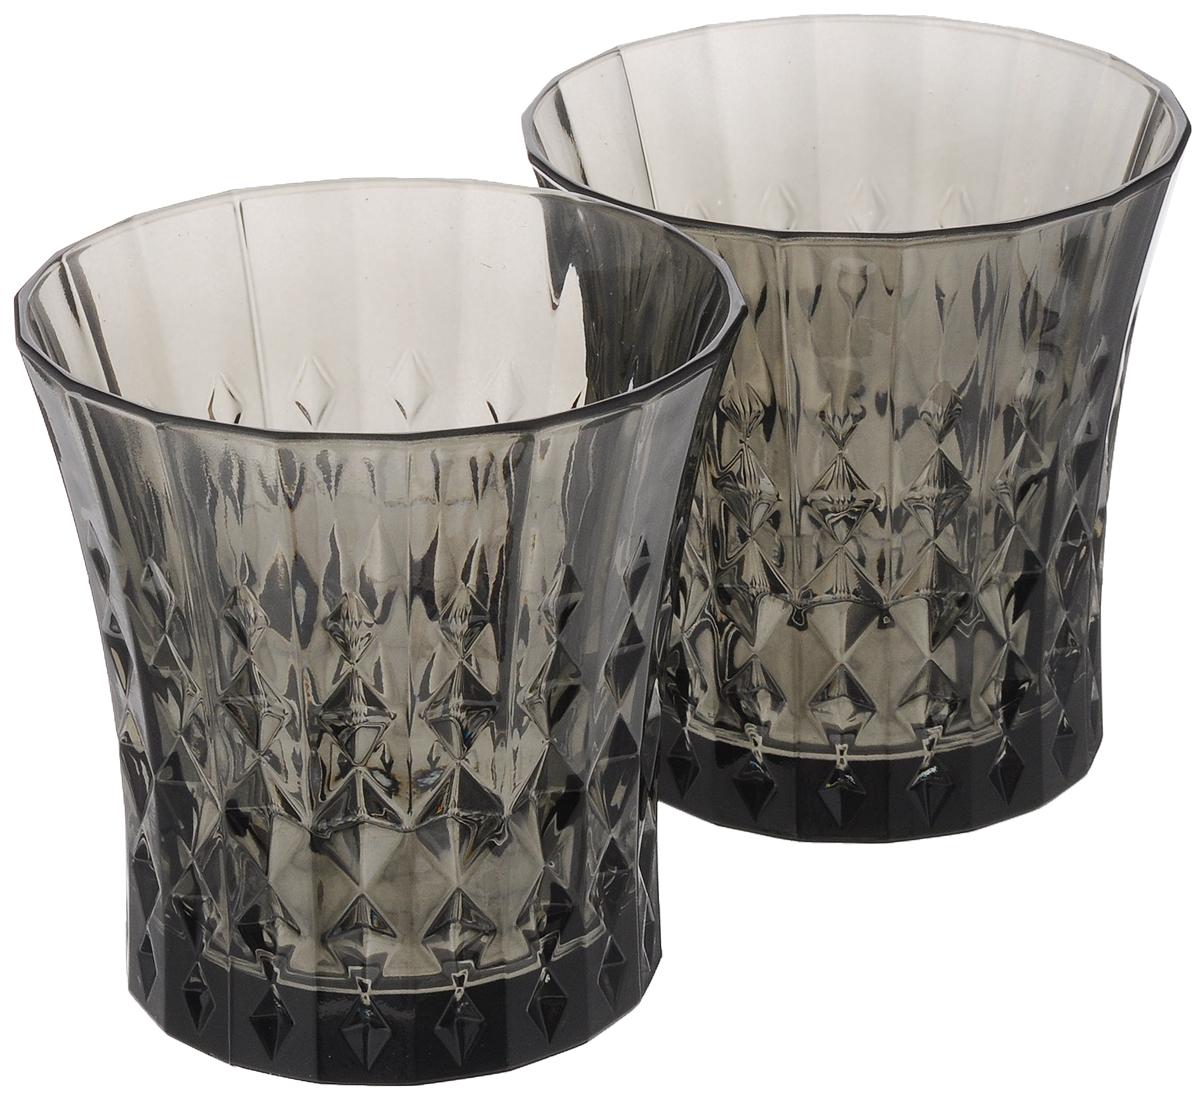 Набор стаканов Cristal dArques Lady Diamond, цвет: серый, 270 мл, 2 штJ1636Набор Cristal dArques Lady Diamond состоит из 2 стаканов, выполненных из прочного стекла. Изделия имеют элегантный дизайн и предназначены для подачи различных напитков. Набор стаканов Cristal dArques Lady Diamond прекрасно оформит праздничный стол и создаст приятную атмосферу за романтическим ужином. Такой набор также станет хорошим подарком к любому случаю. Можно мыть в посудомоечной машине. Диаметр стакана (по верхнему краю): 9 см. Высота стакана: 9,5 см.